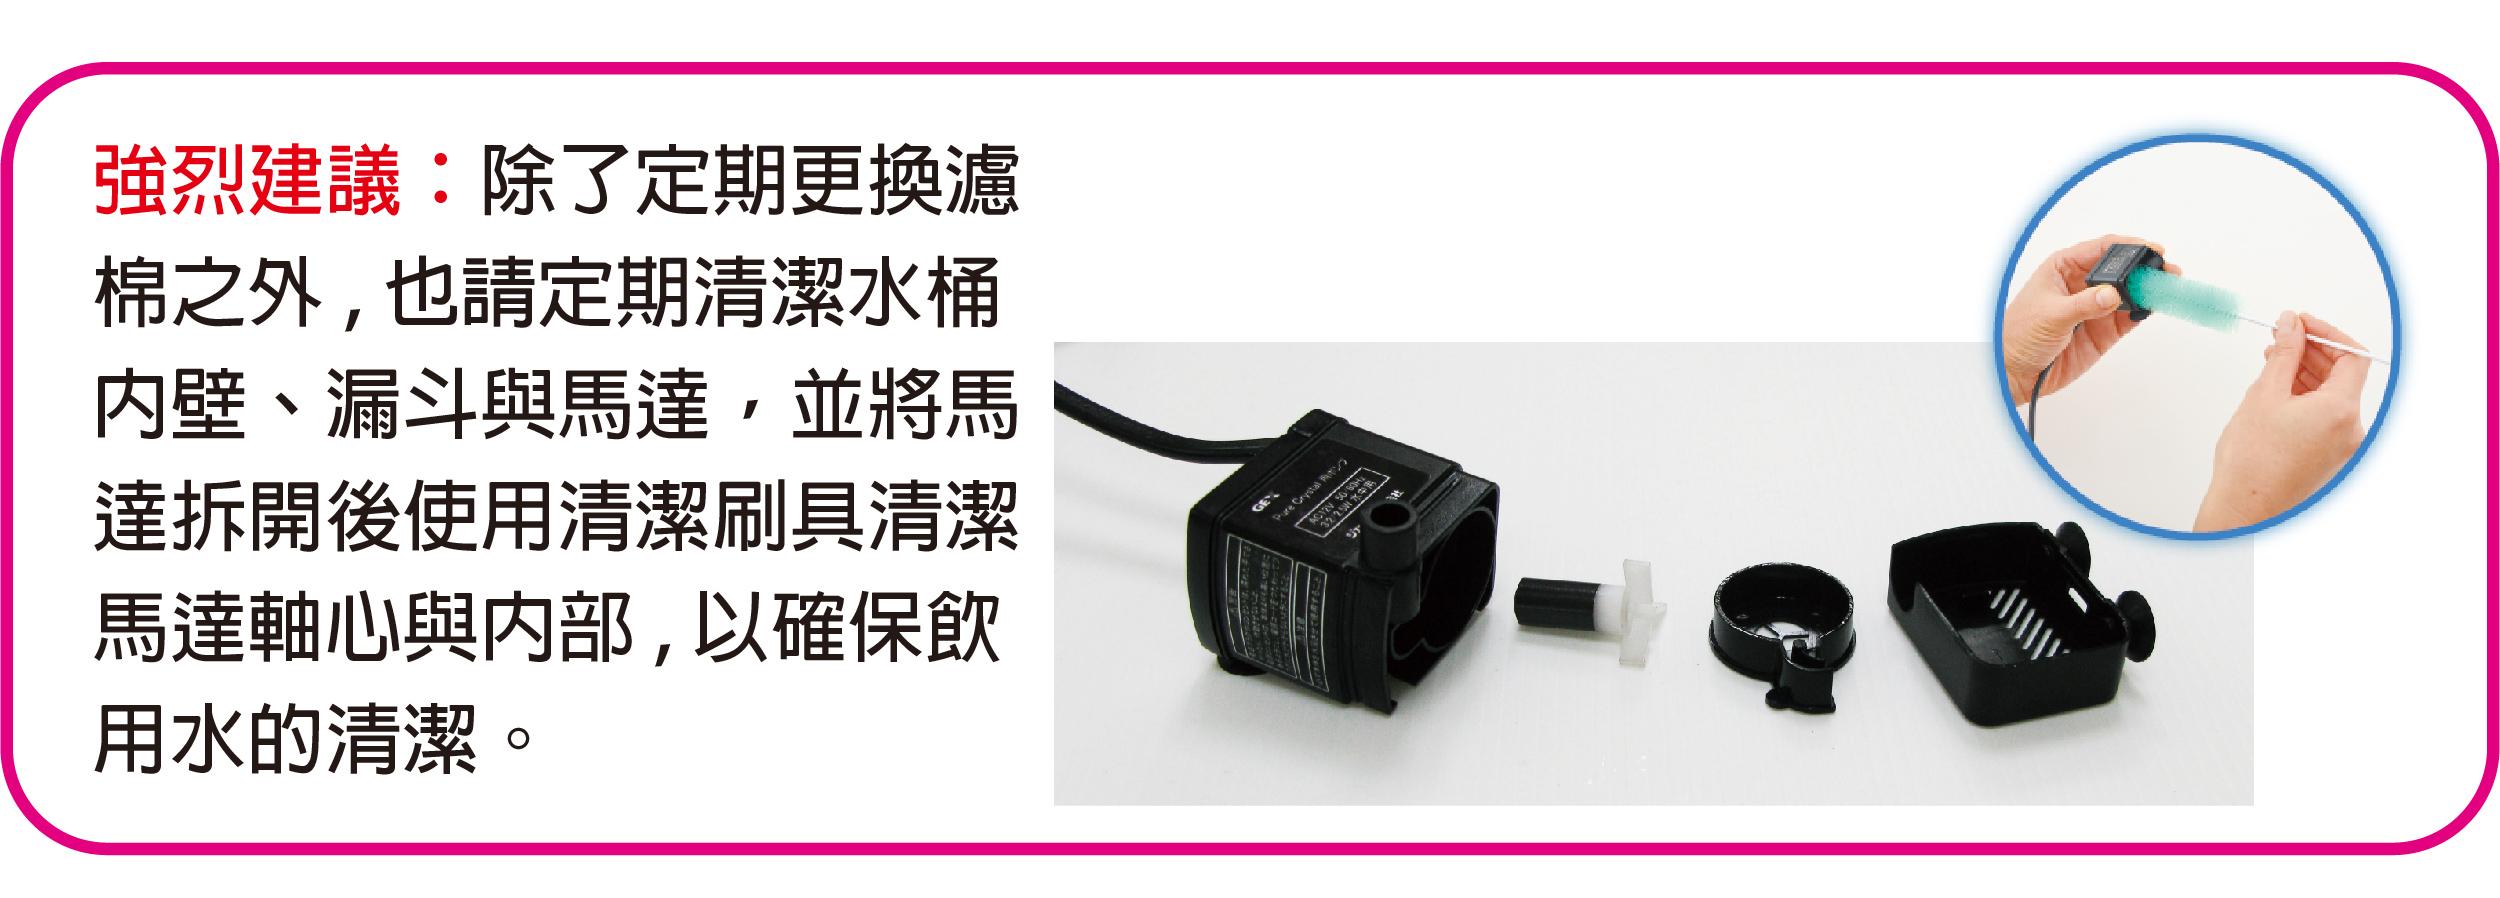 GEX-犬用淨水寵物飲水器1.8L(狗狗飲水機)-圖4